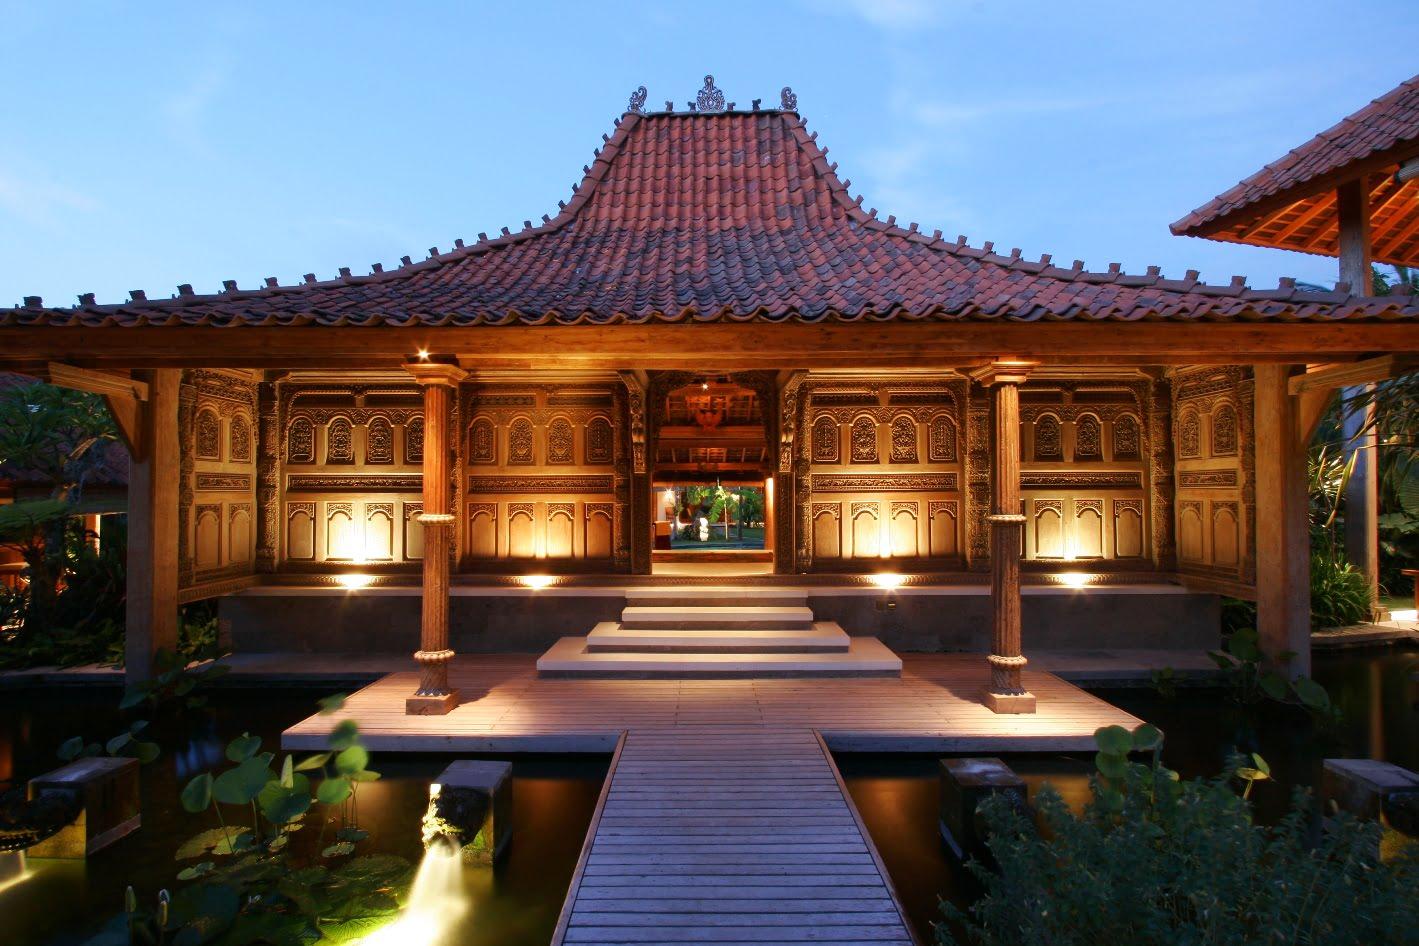 5 Rumah Adat Riau Dilengkapi Gambar Dan Penjelasannya